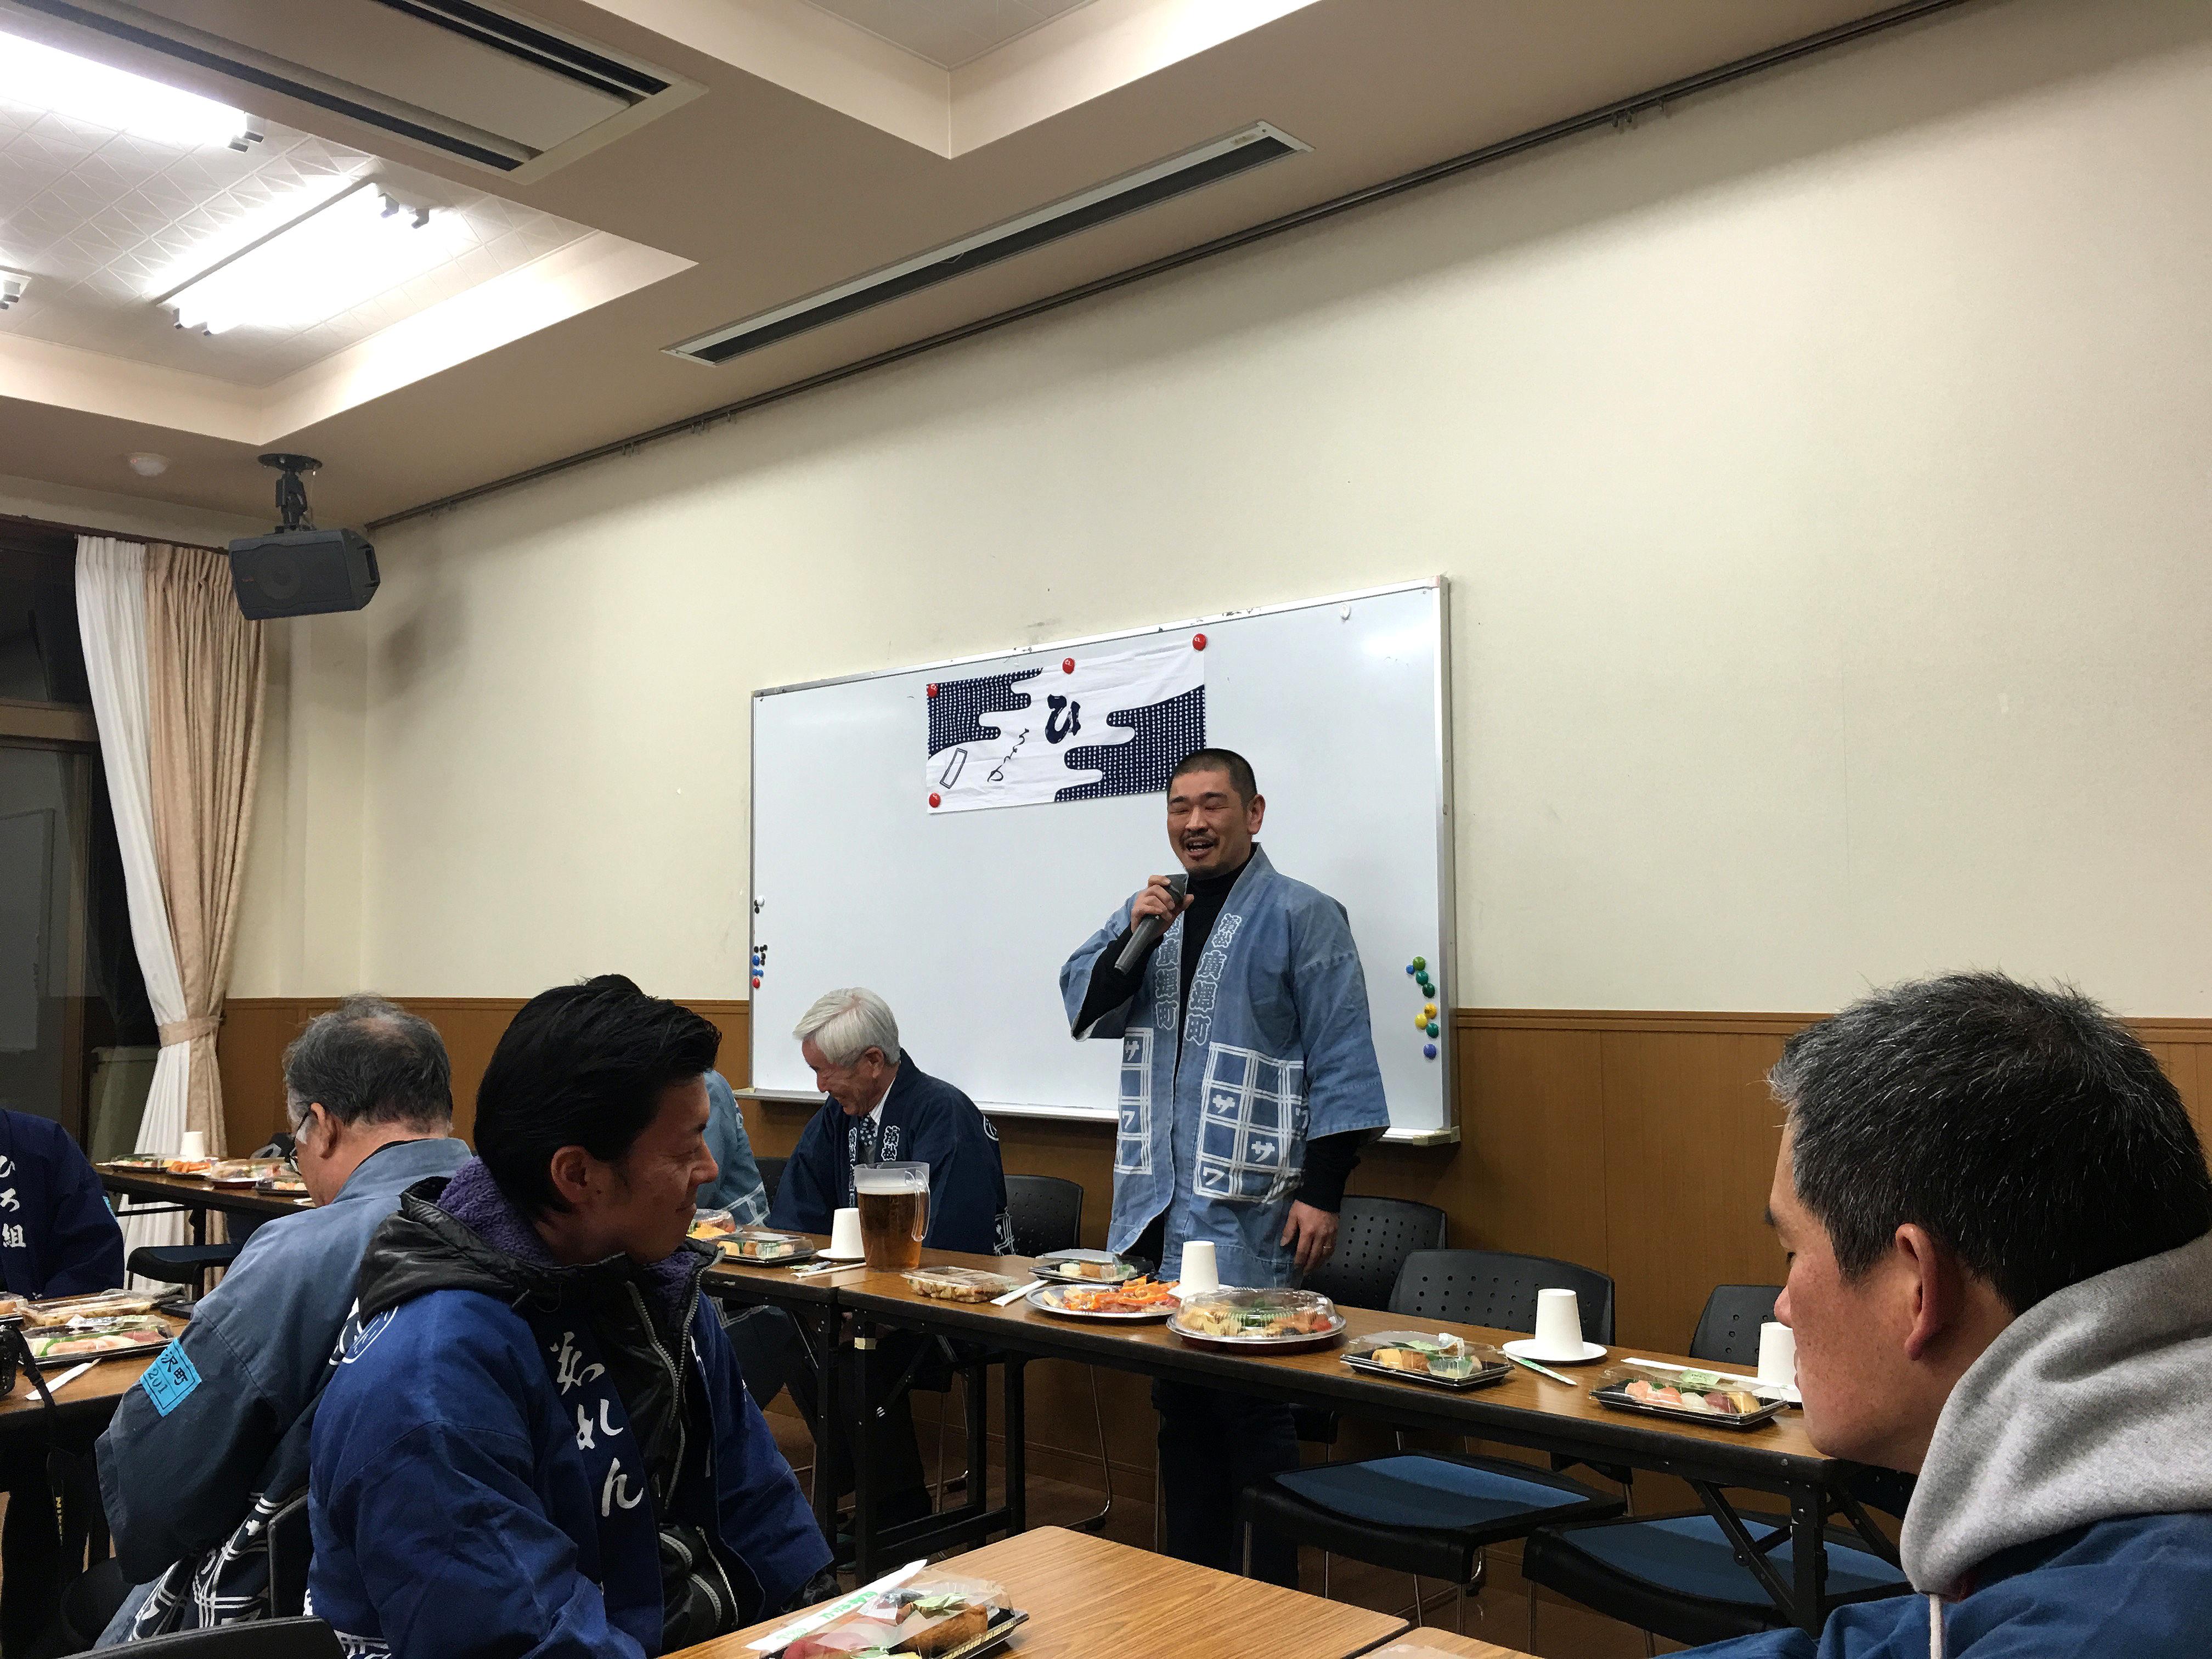 平成28年度広沢町凧揚会ひ組発会式 組長挨拶